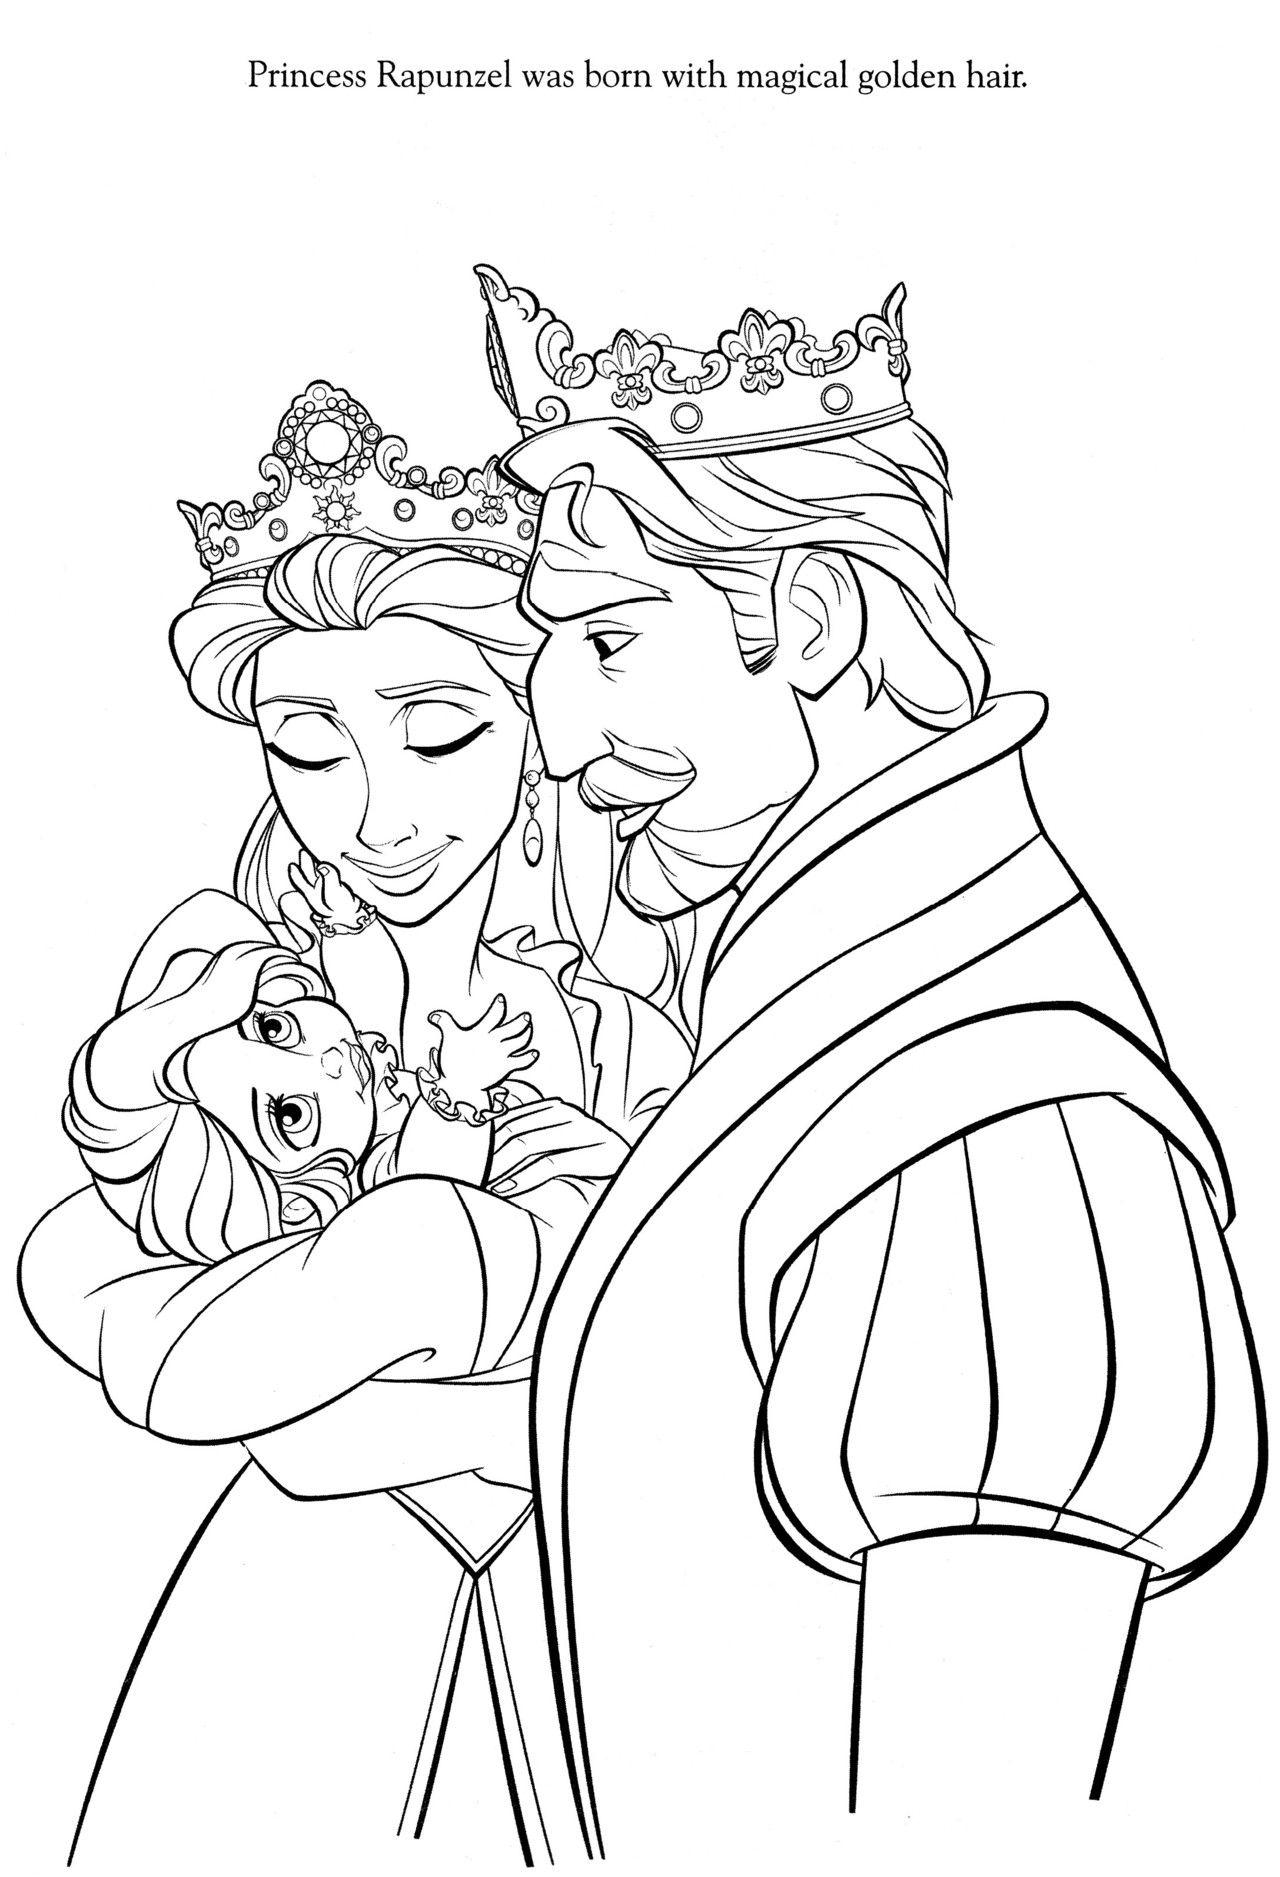 Épinglé par Candace Stevens sur Disney Coloring Pages  Coloriage